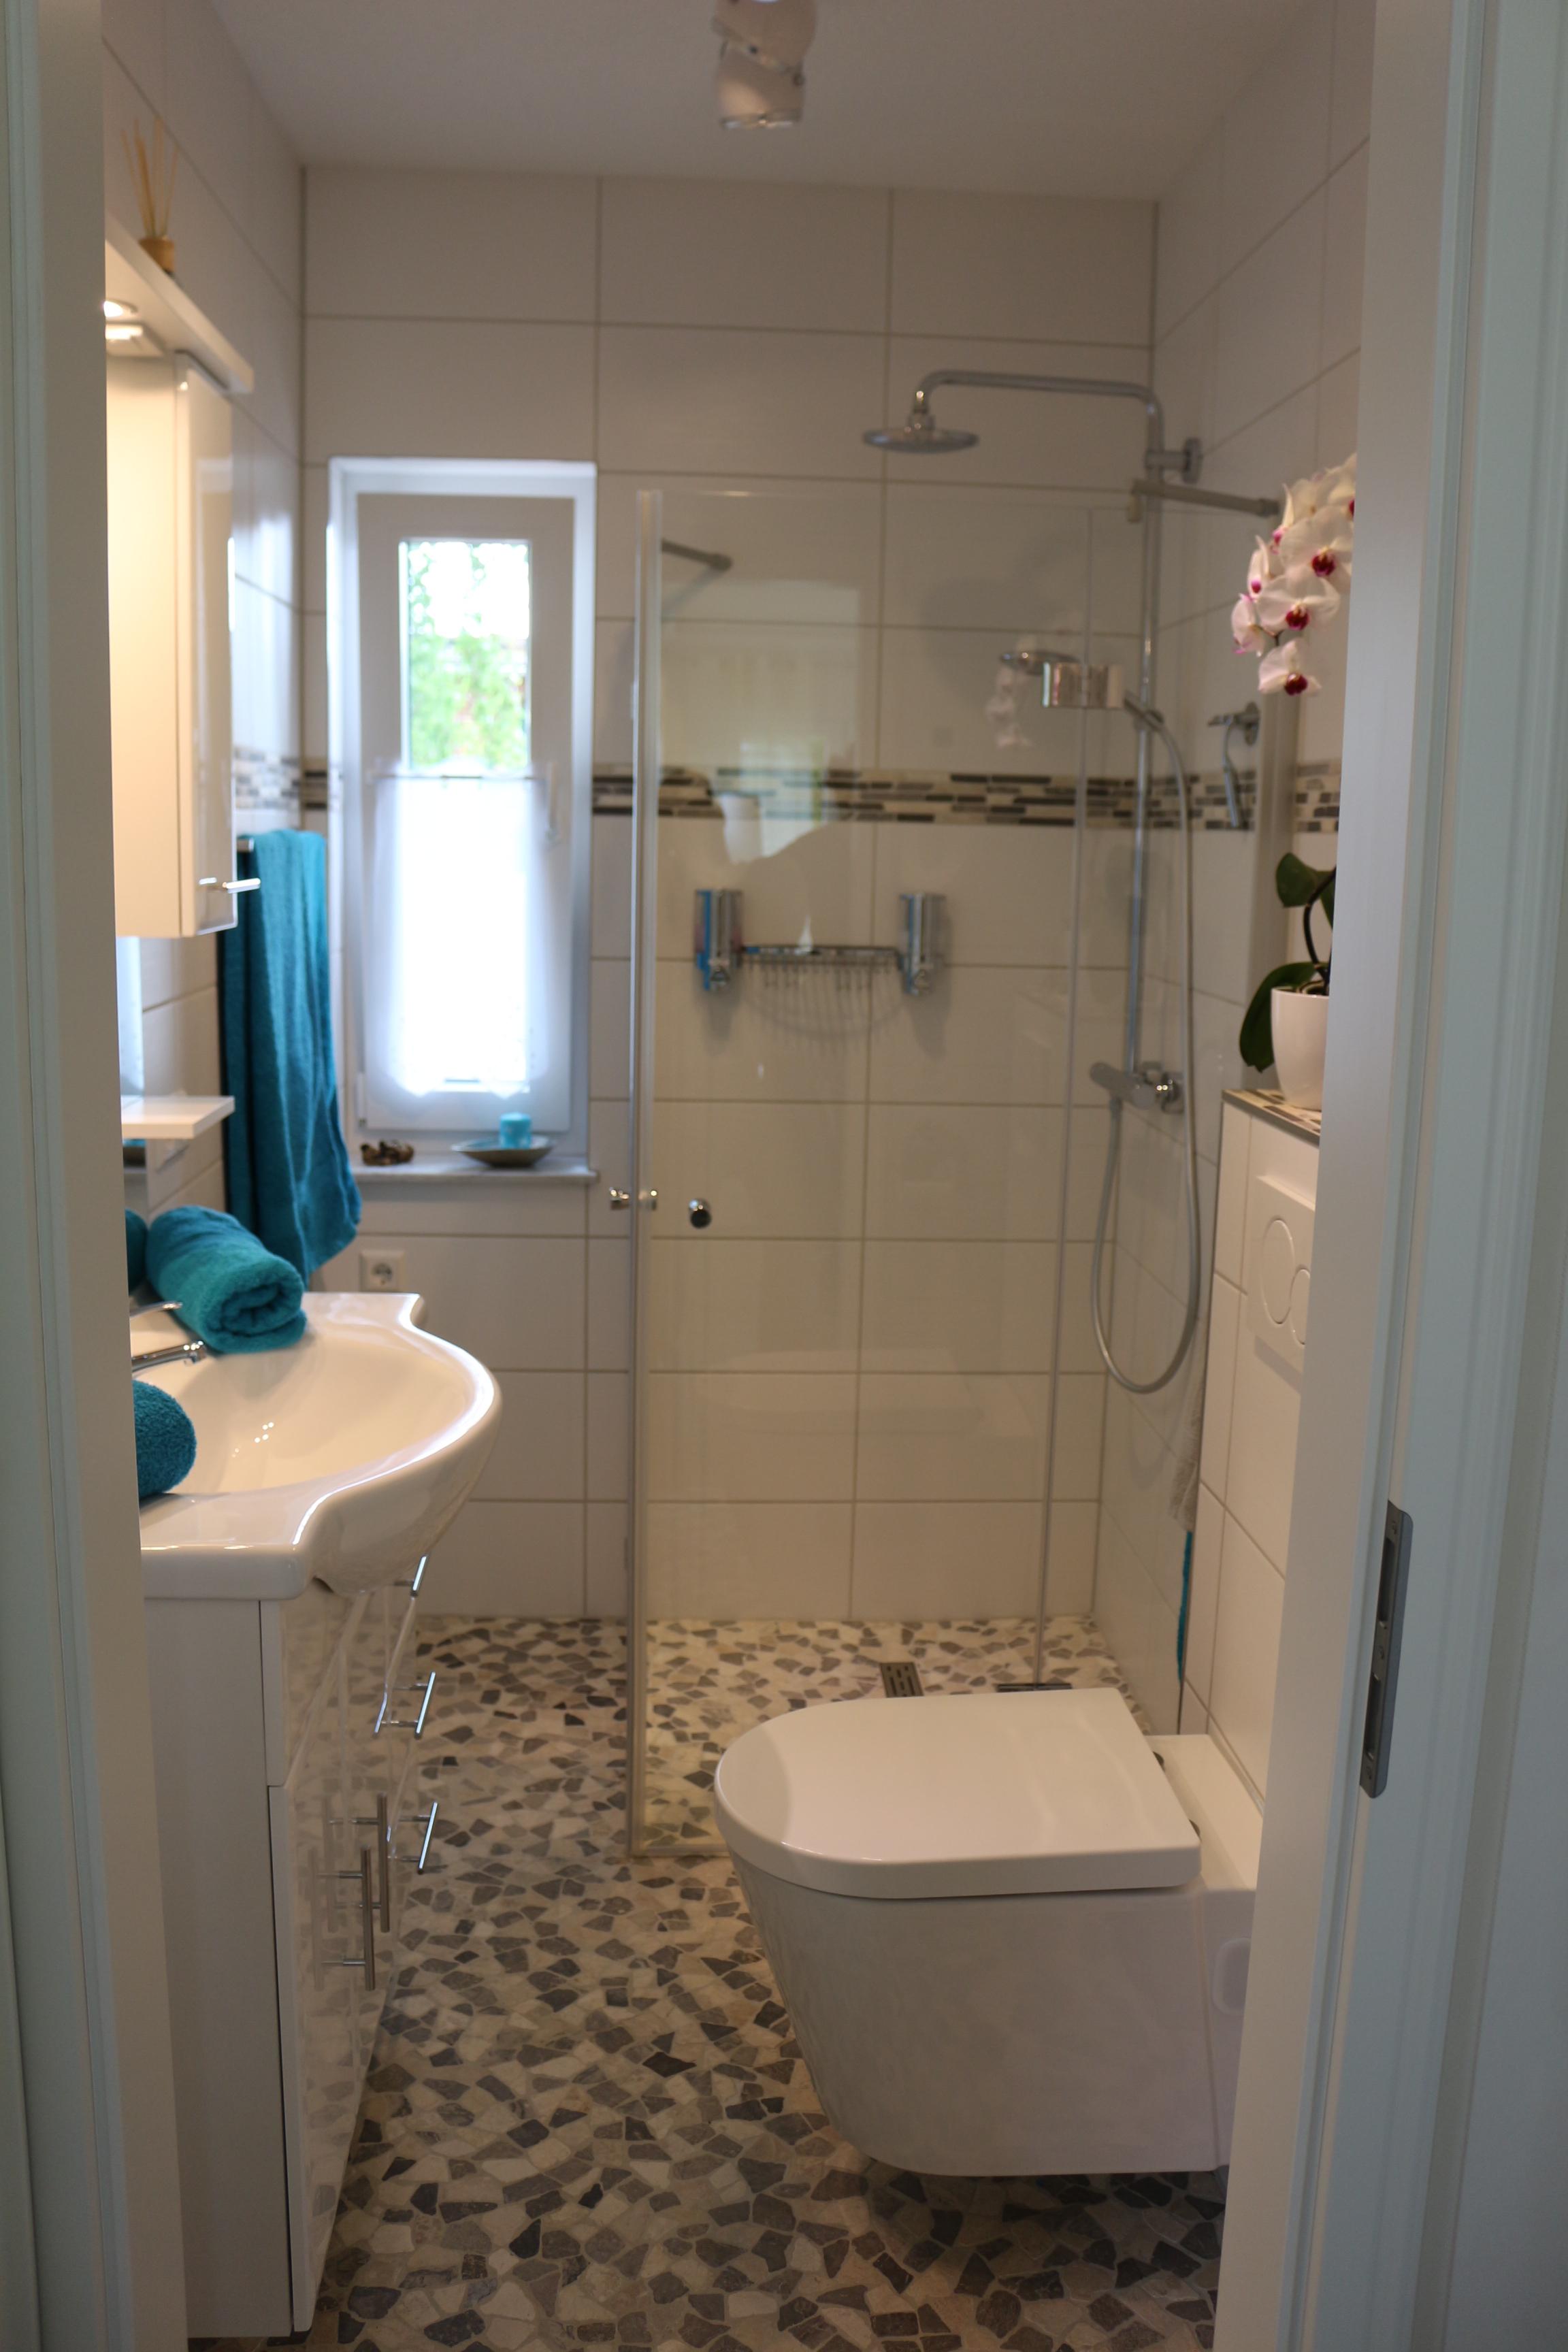 Bad mit hochwertiger Aussattung und ebener Dusche